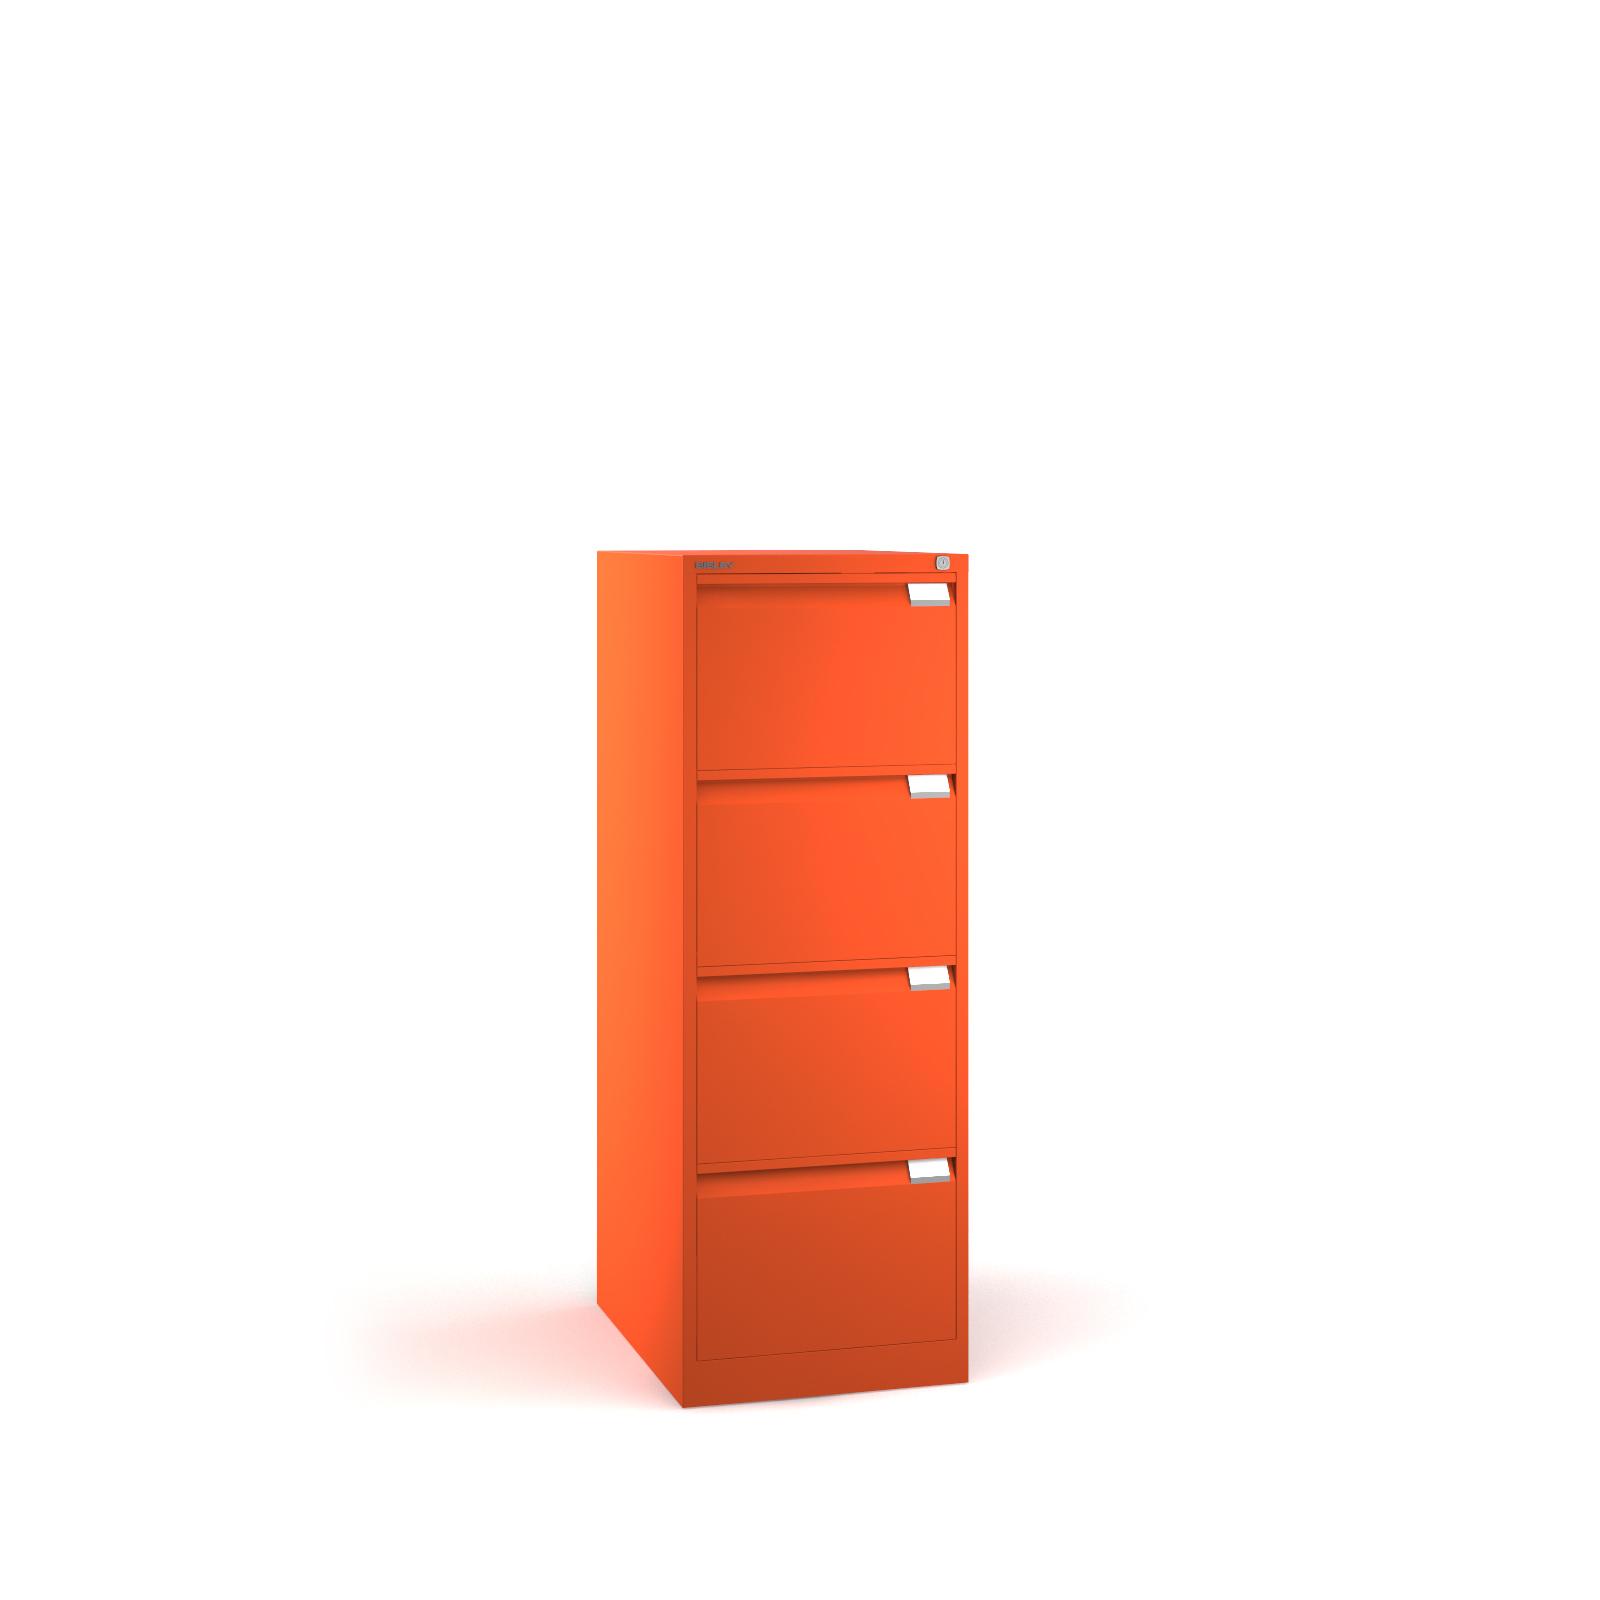 Bisley 4 drawer BS filing cabinet 1321mm - orange